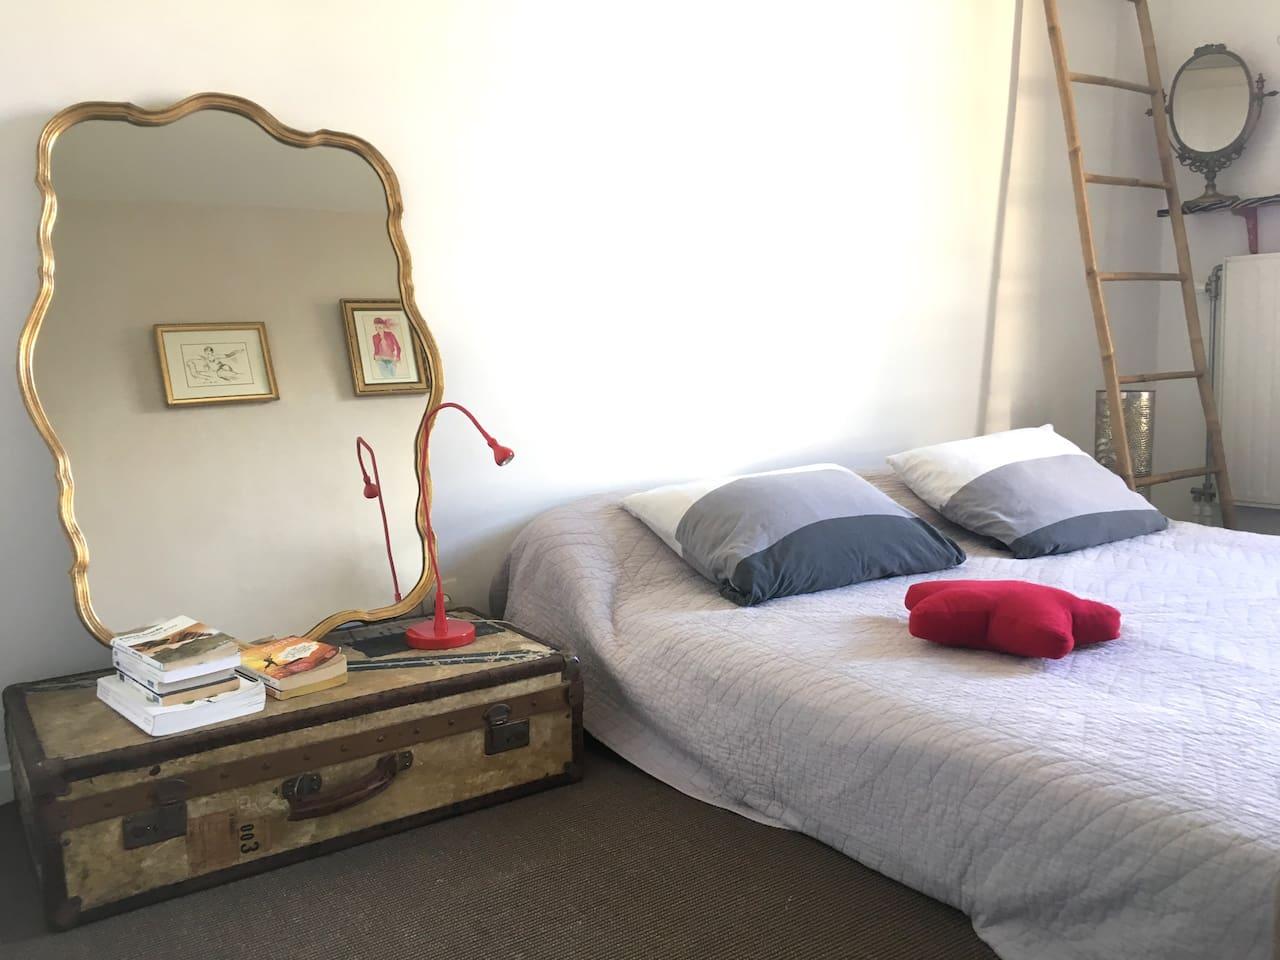 Chambre lit en 160 de large - Room with bed 160 wide